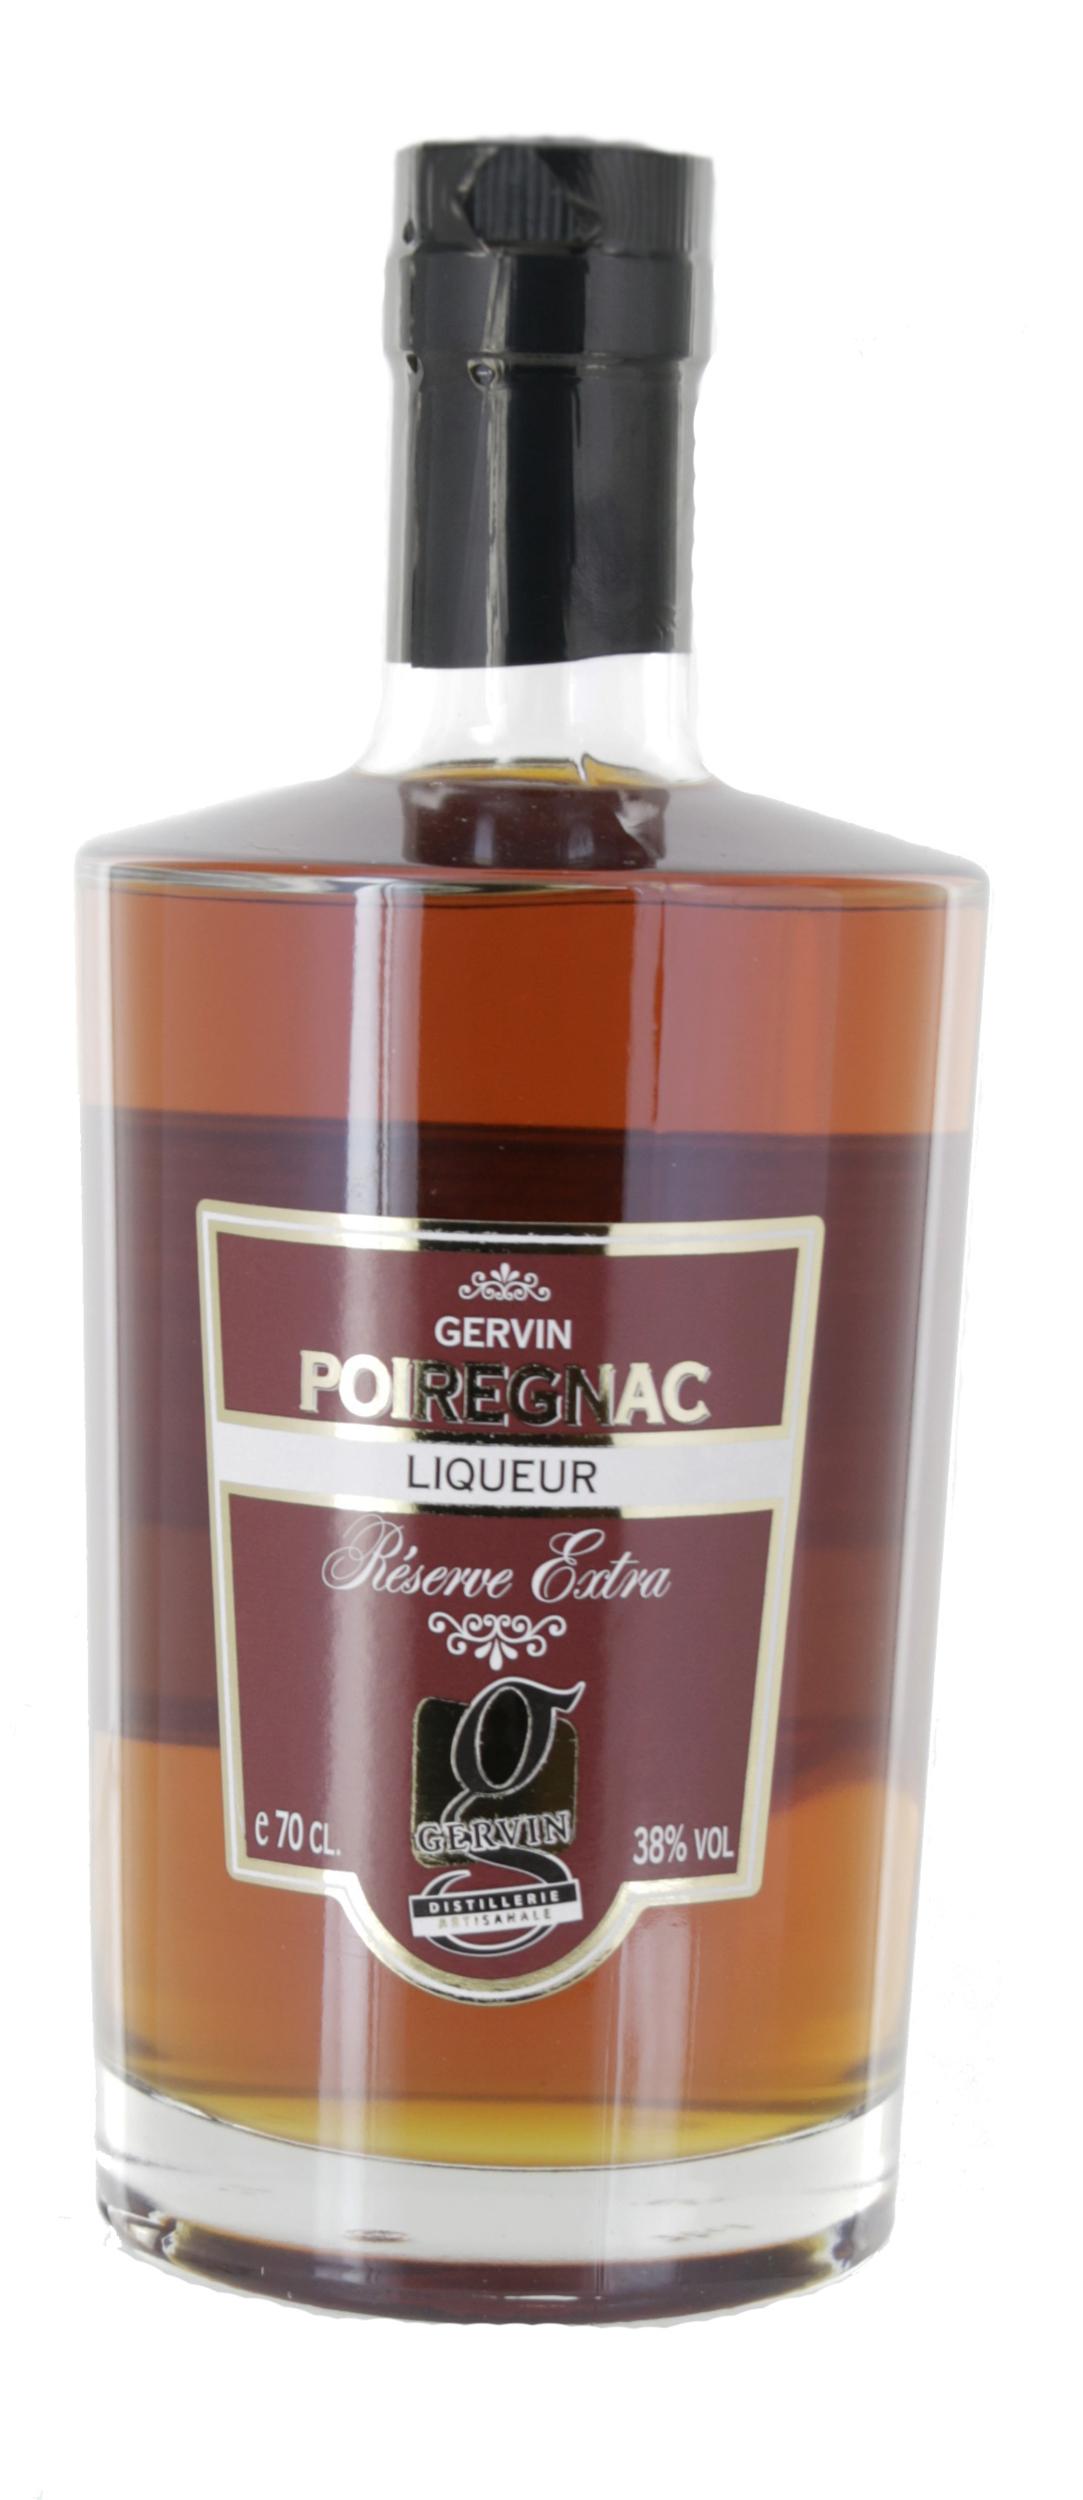 Liqueur - Poiregnac - Distillerie Gervin